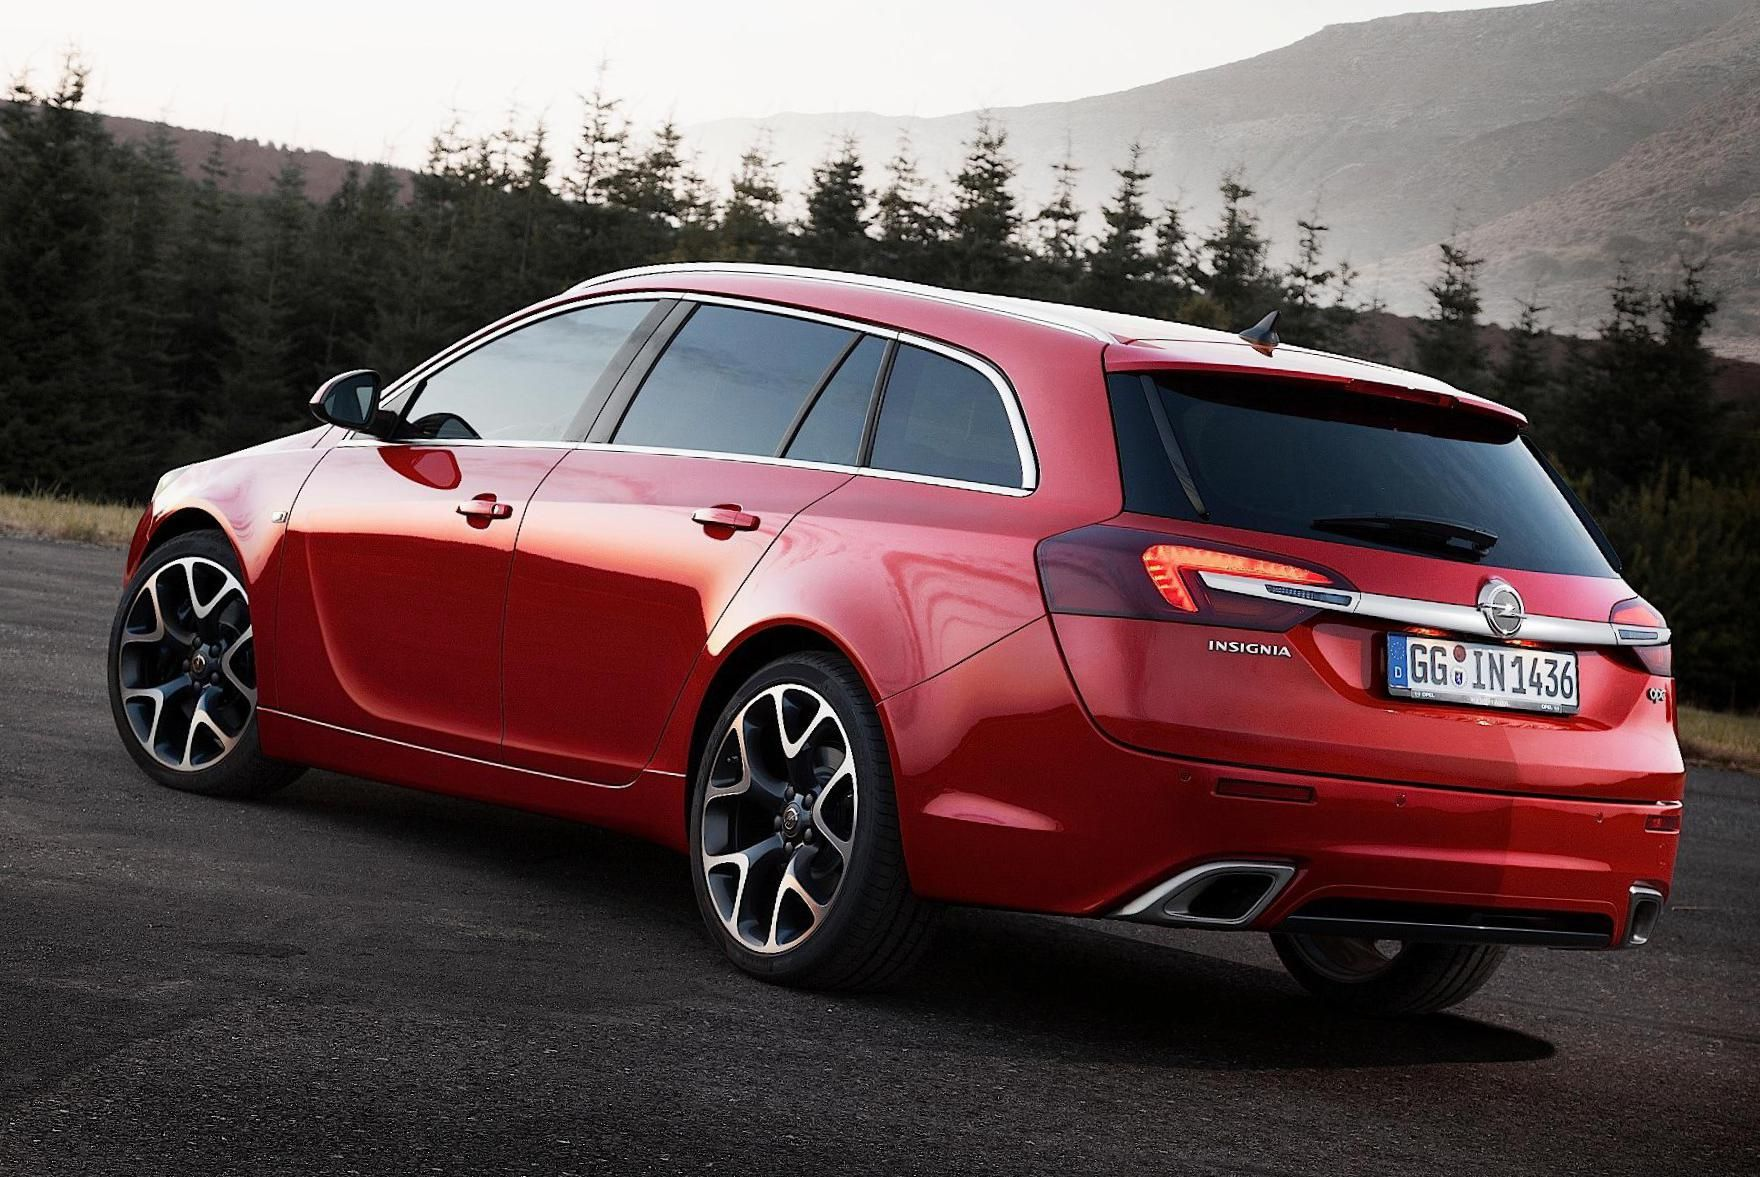 Insignia Opc Sports Tourer Opel Specs Http Autotras Com